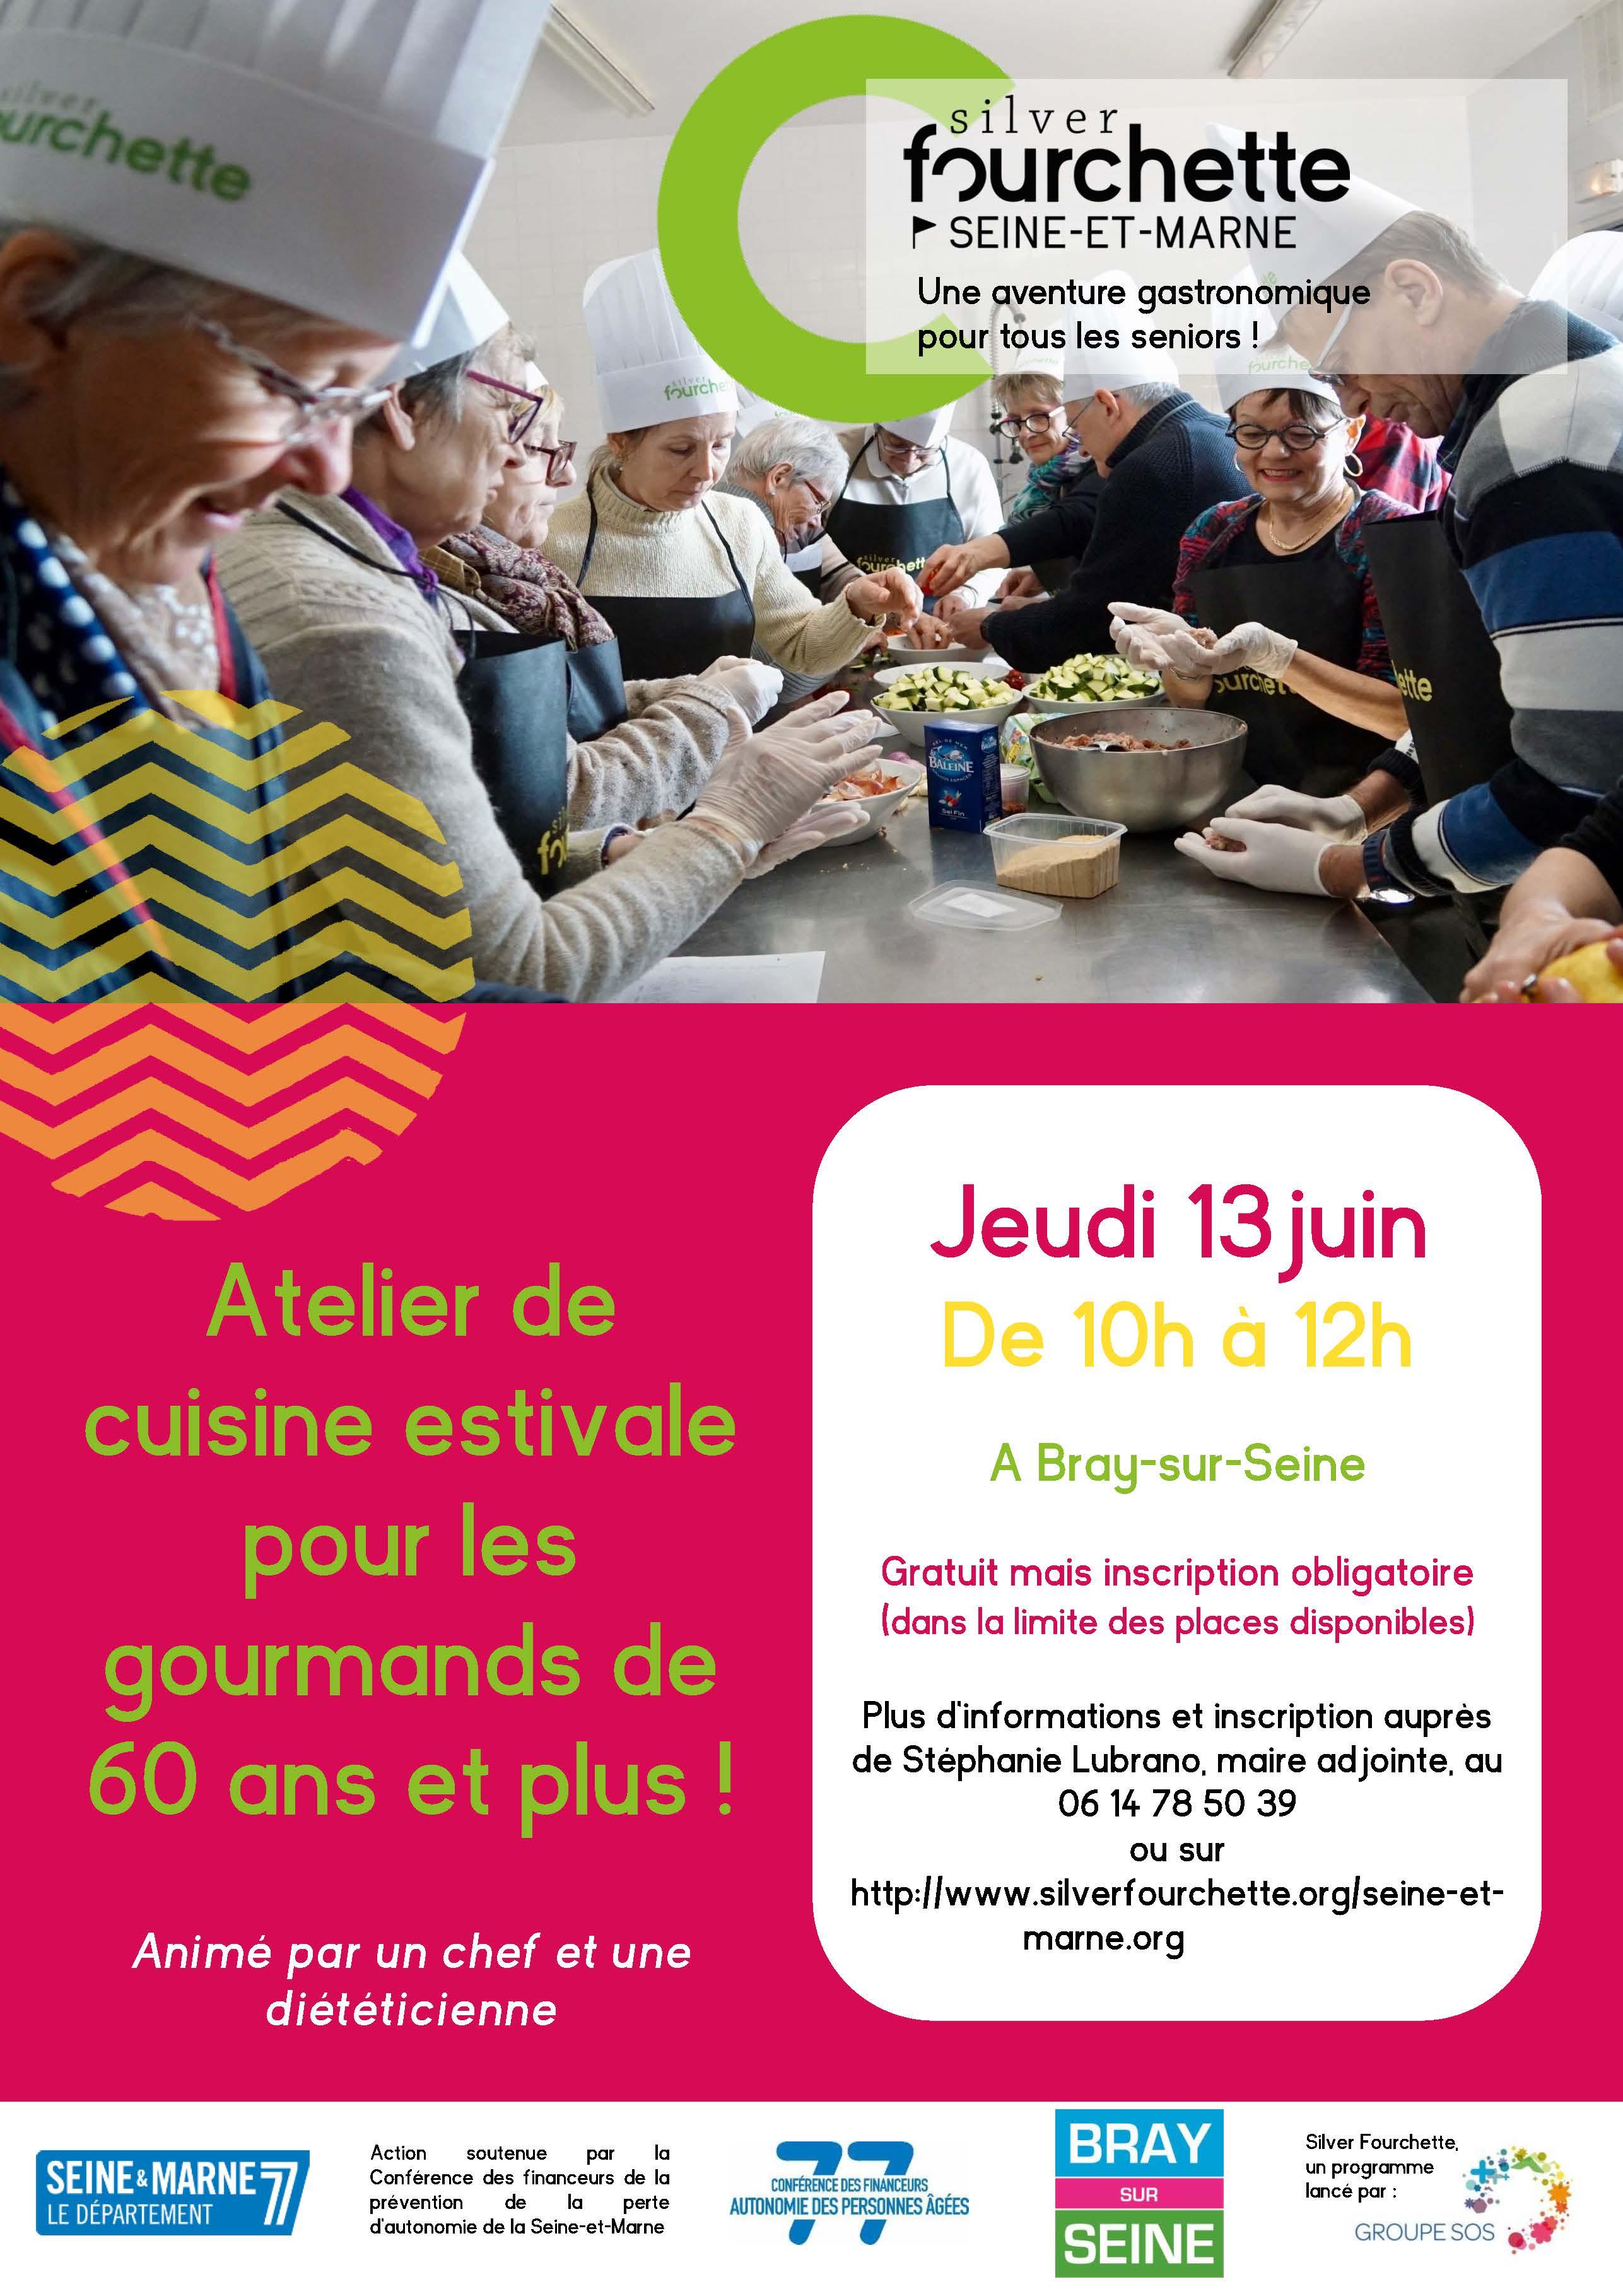 Atelier De Cuisine Estivale Pour Les Gourmands De 60 Ans Et Plus